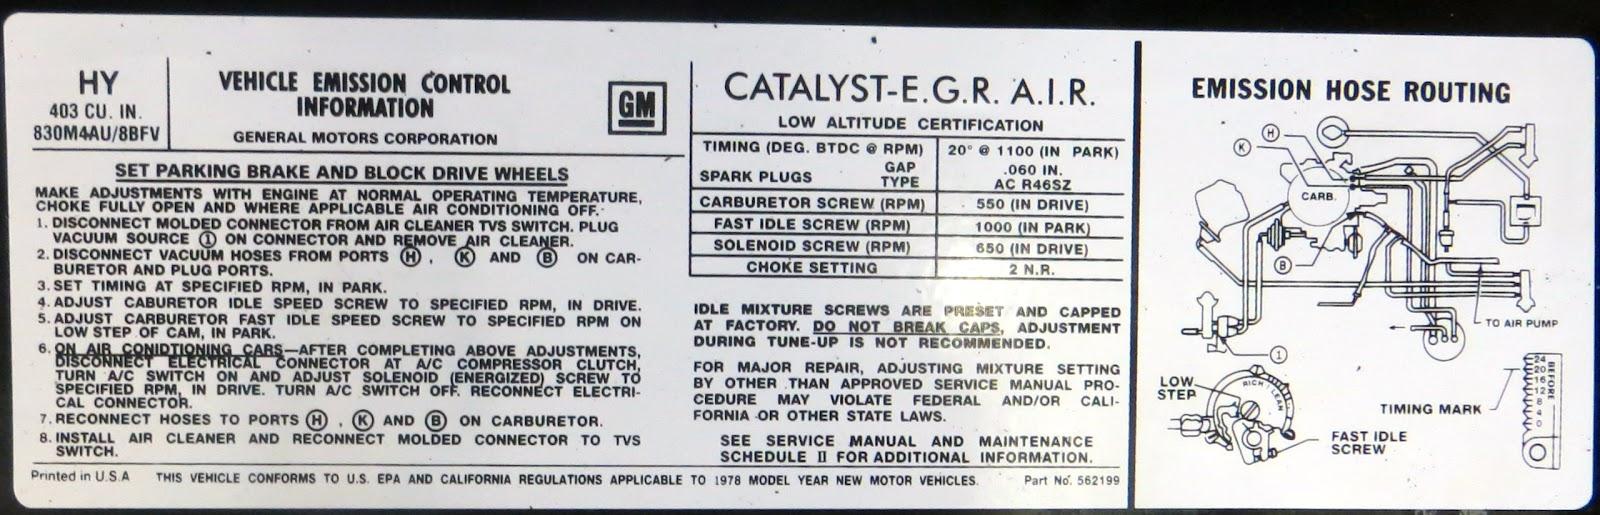 automotive content 1978 trans am project [ 1600 x 515 Pixel ]